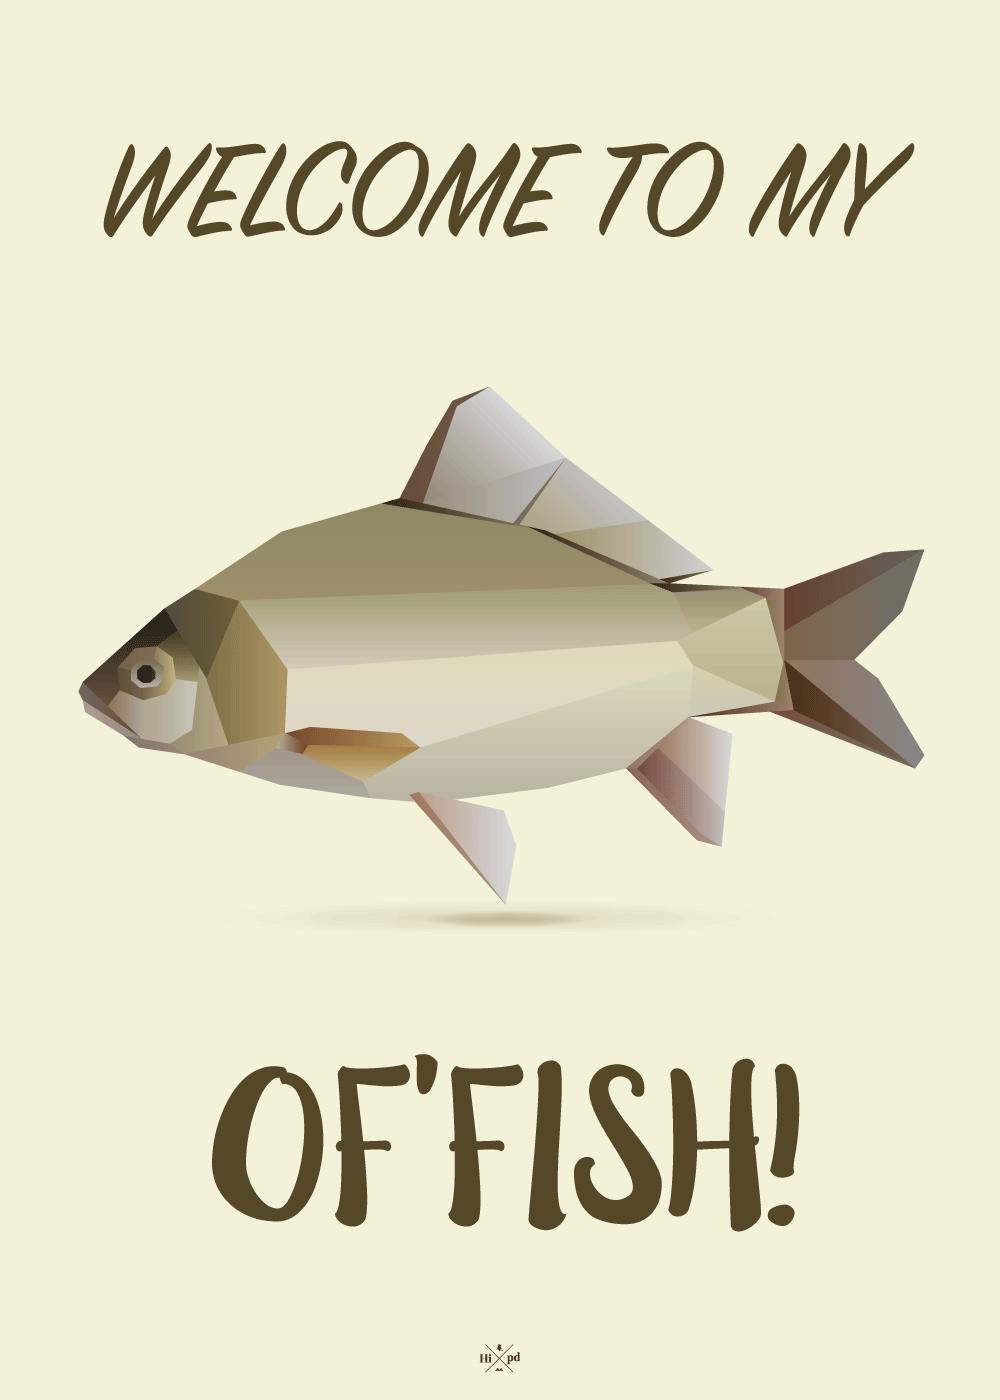 Of'fish